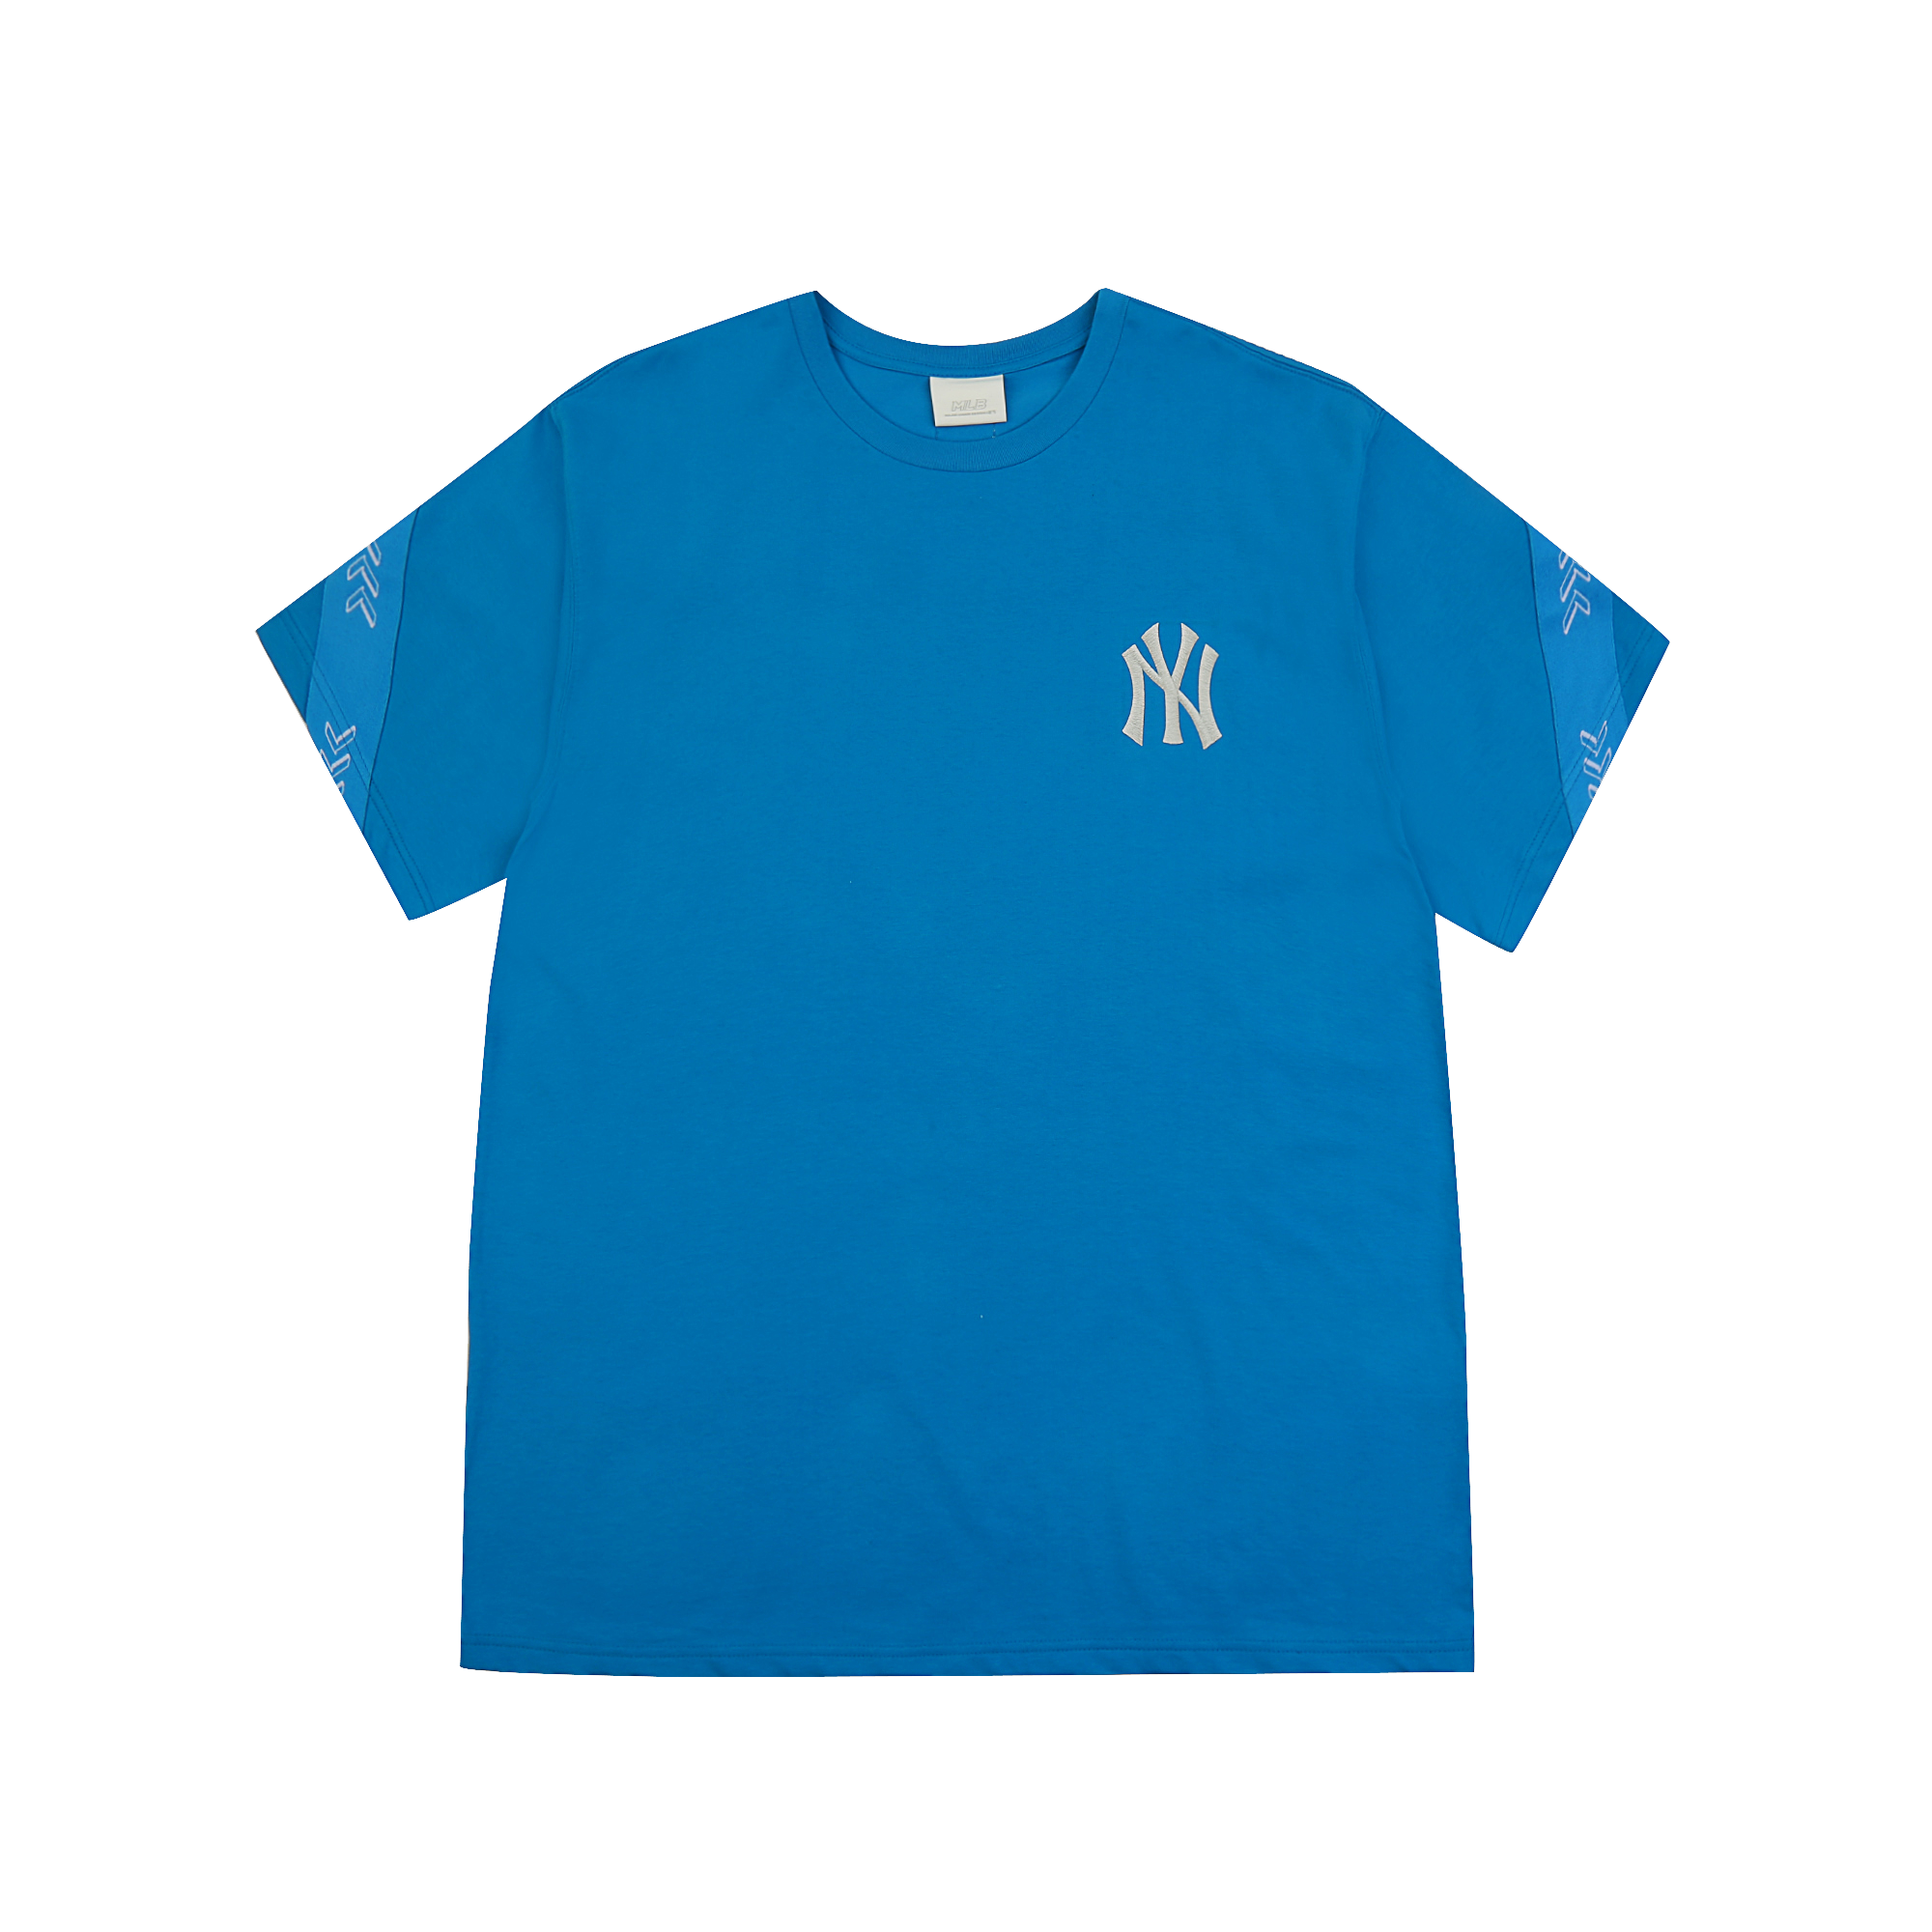 심볼 테이핑 오버핏 반팔 티셔츠 뉴욕양키스